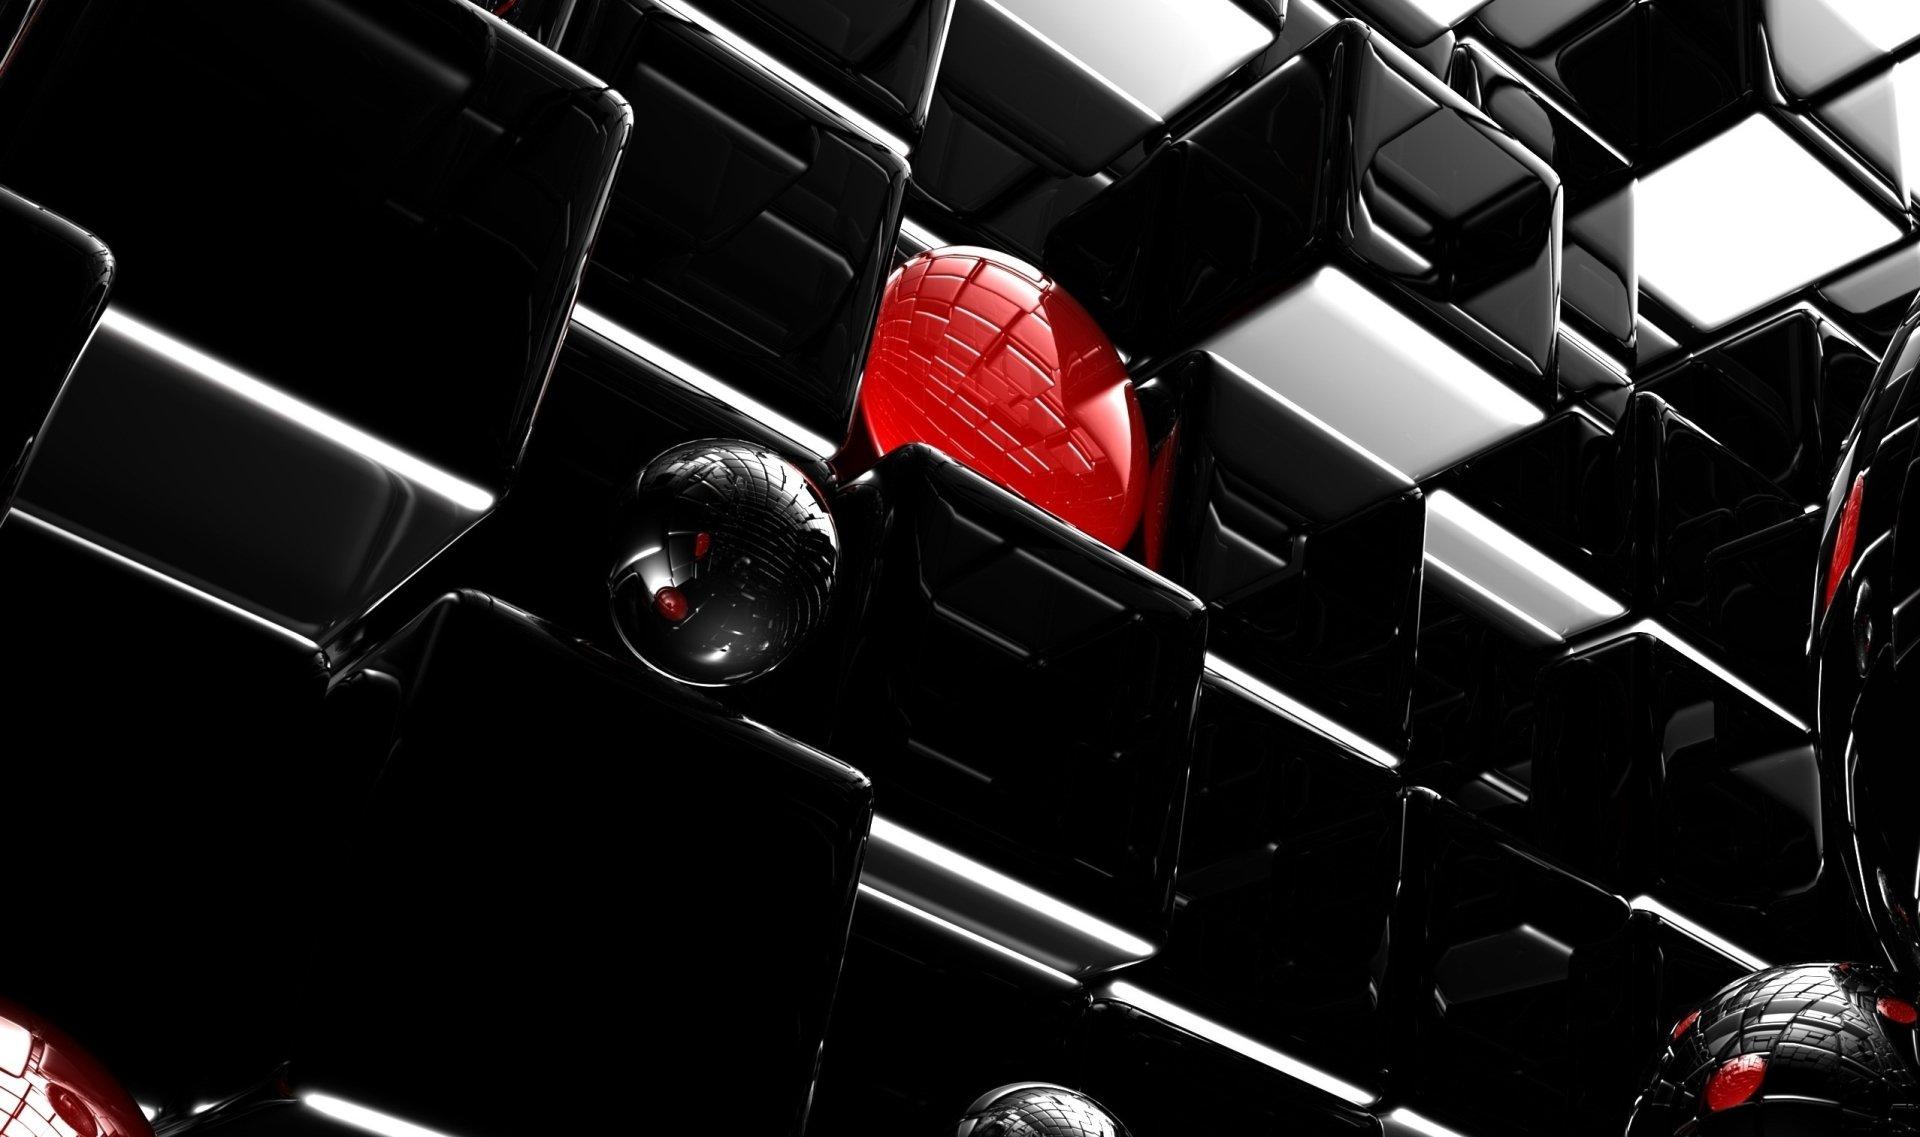 Компьютерная Графика - 3D  Чёрный Цифровое Искусство Куб Тьма Абстрактные Красный Обои